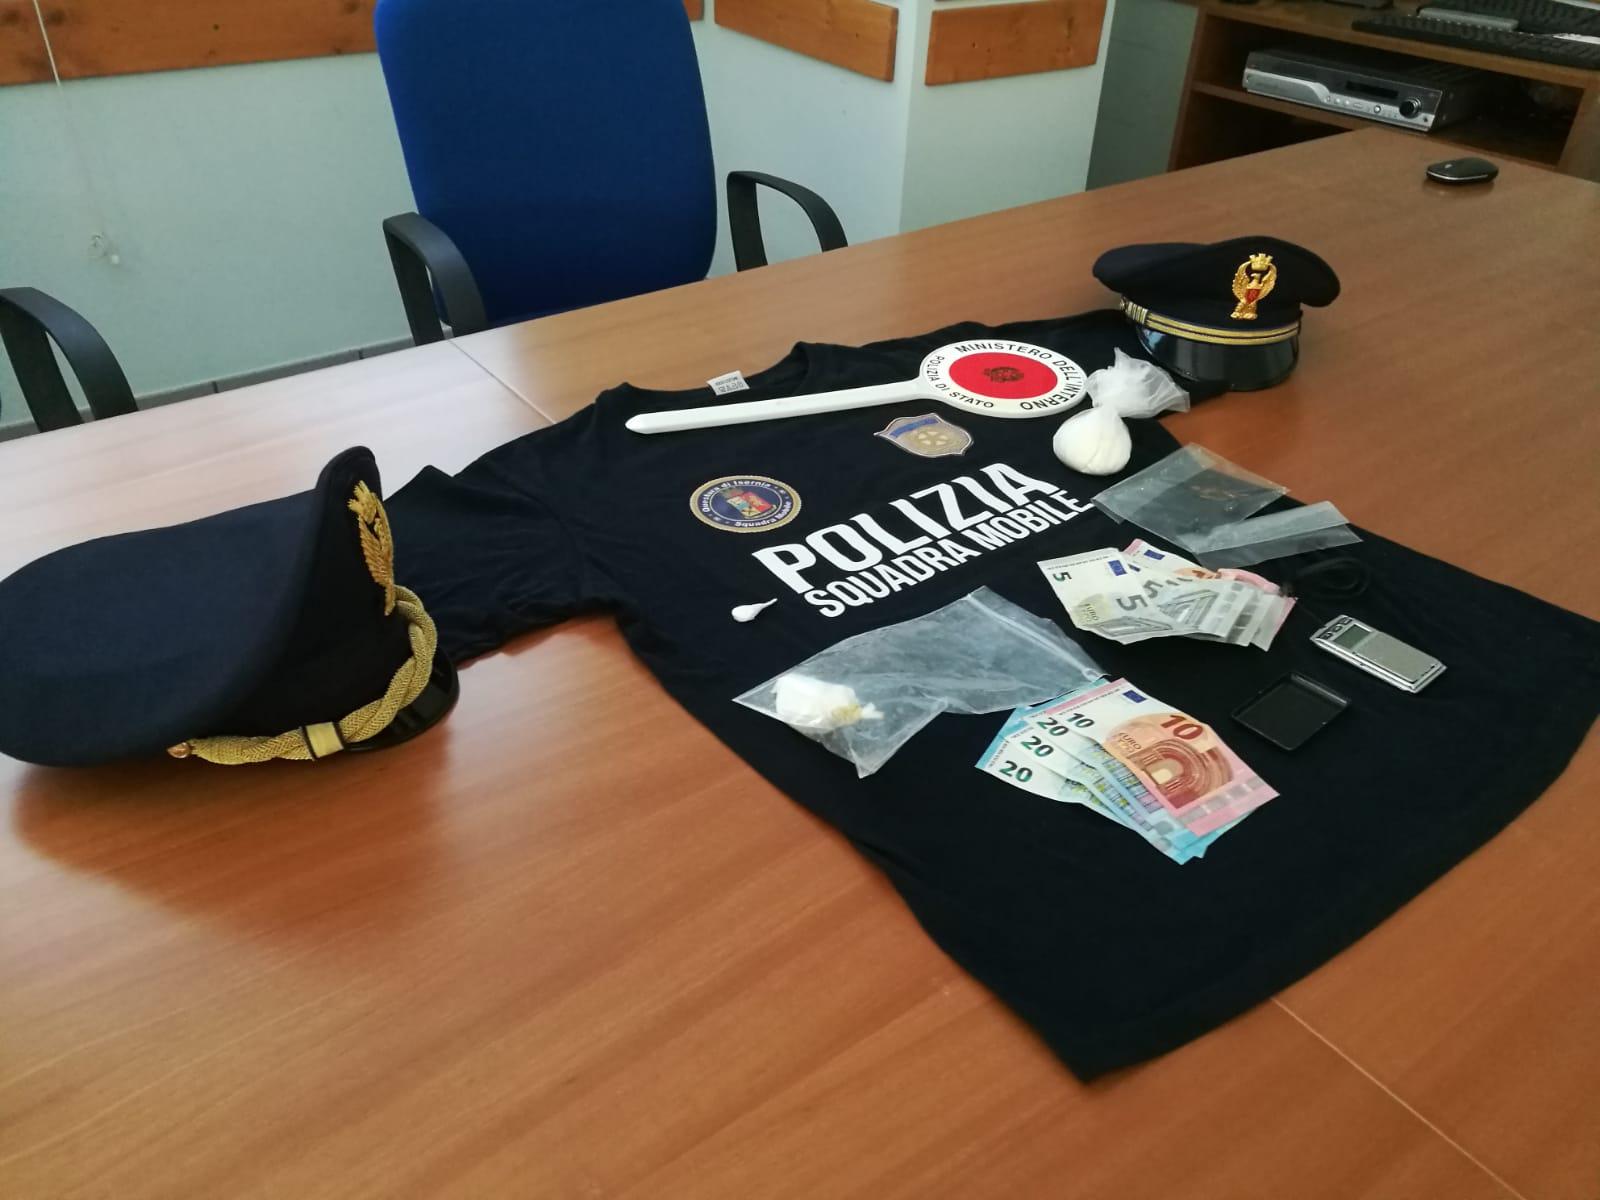 Operazione antidroga della Questura di Isernia: sequestrati oltre 40 grammi di cocaina. Arrestata una donna